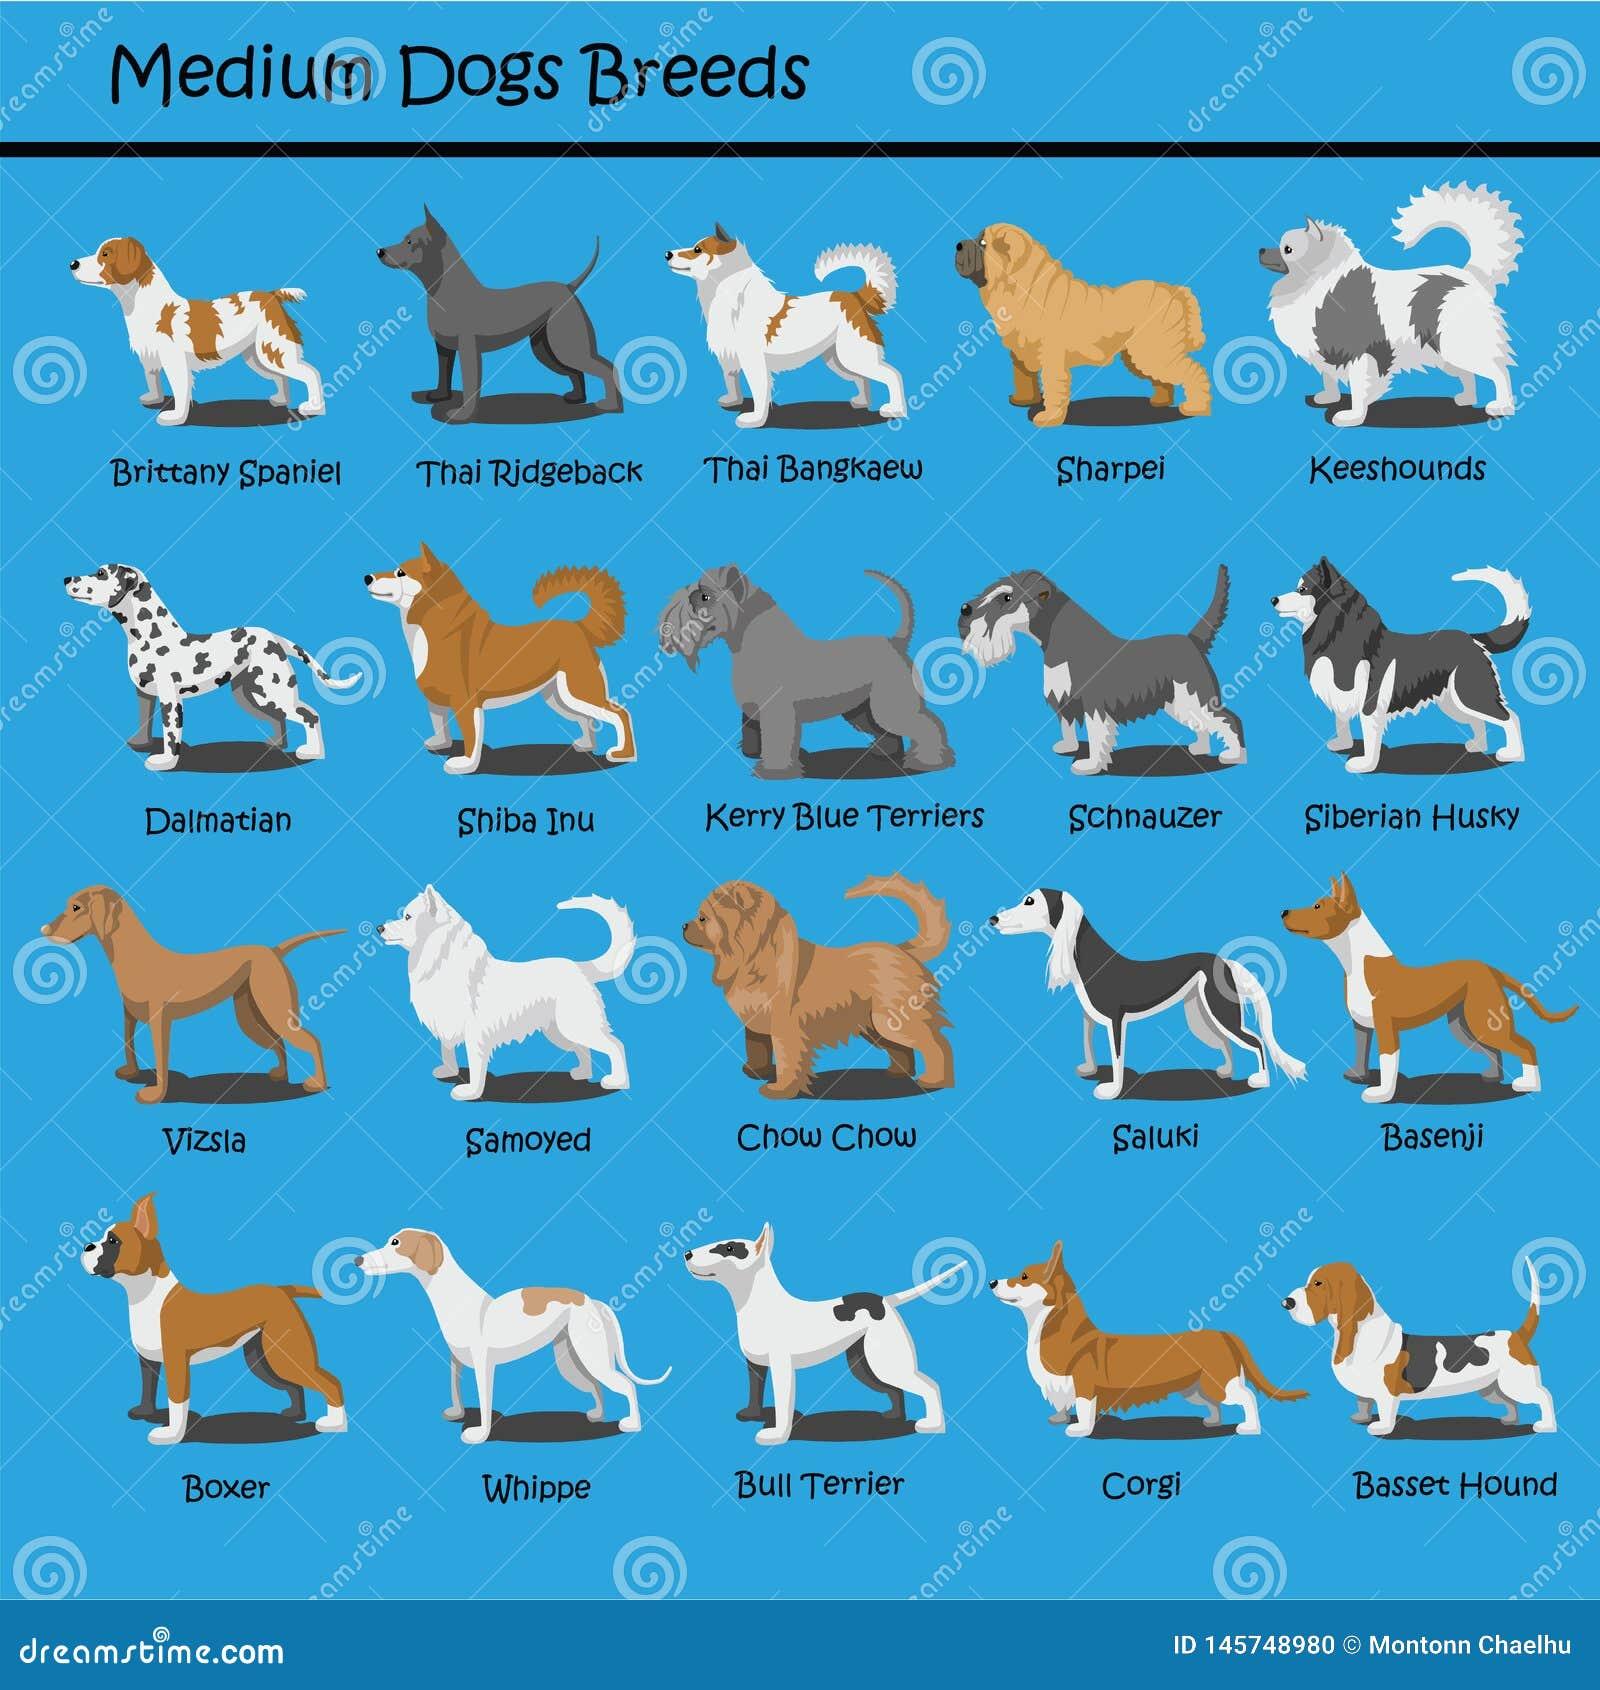 El perro medio cría el perro de perrito lindo del vector del diseño de la historieta del perro que las historietas diseñan